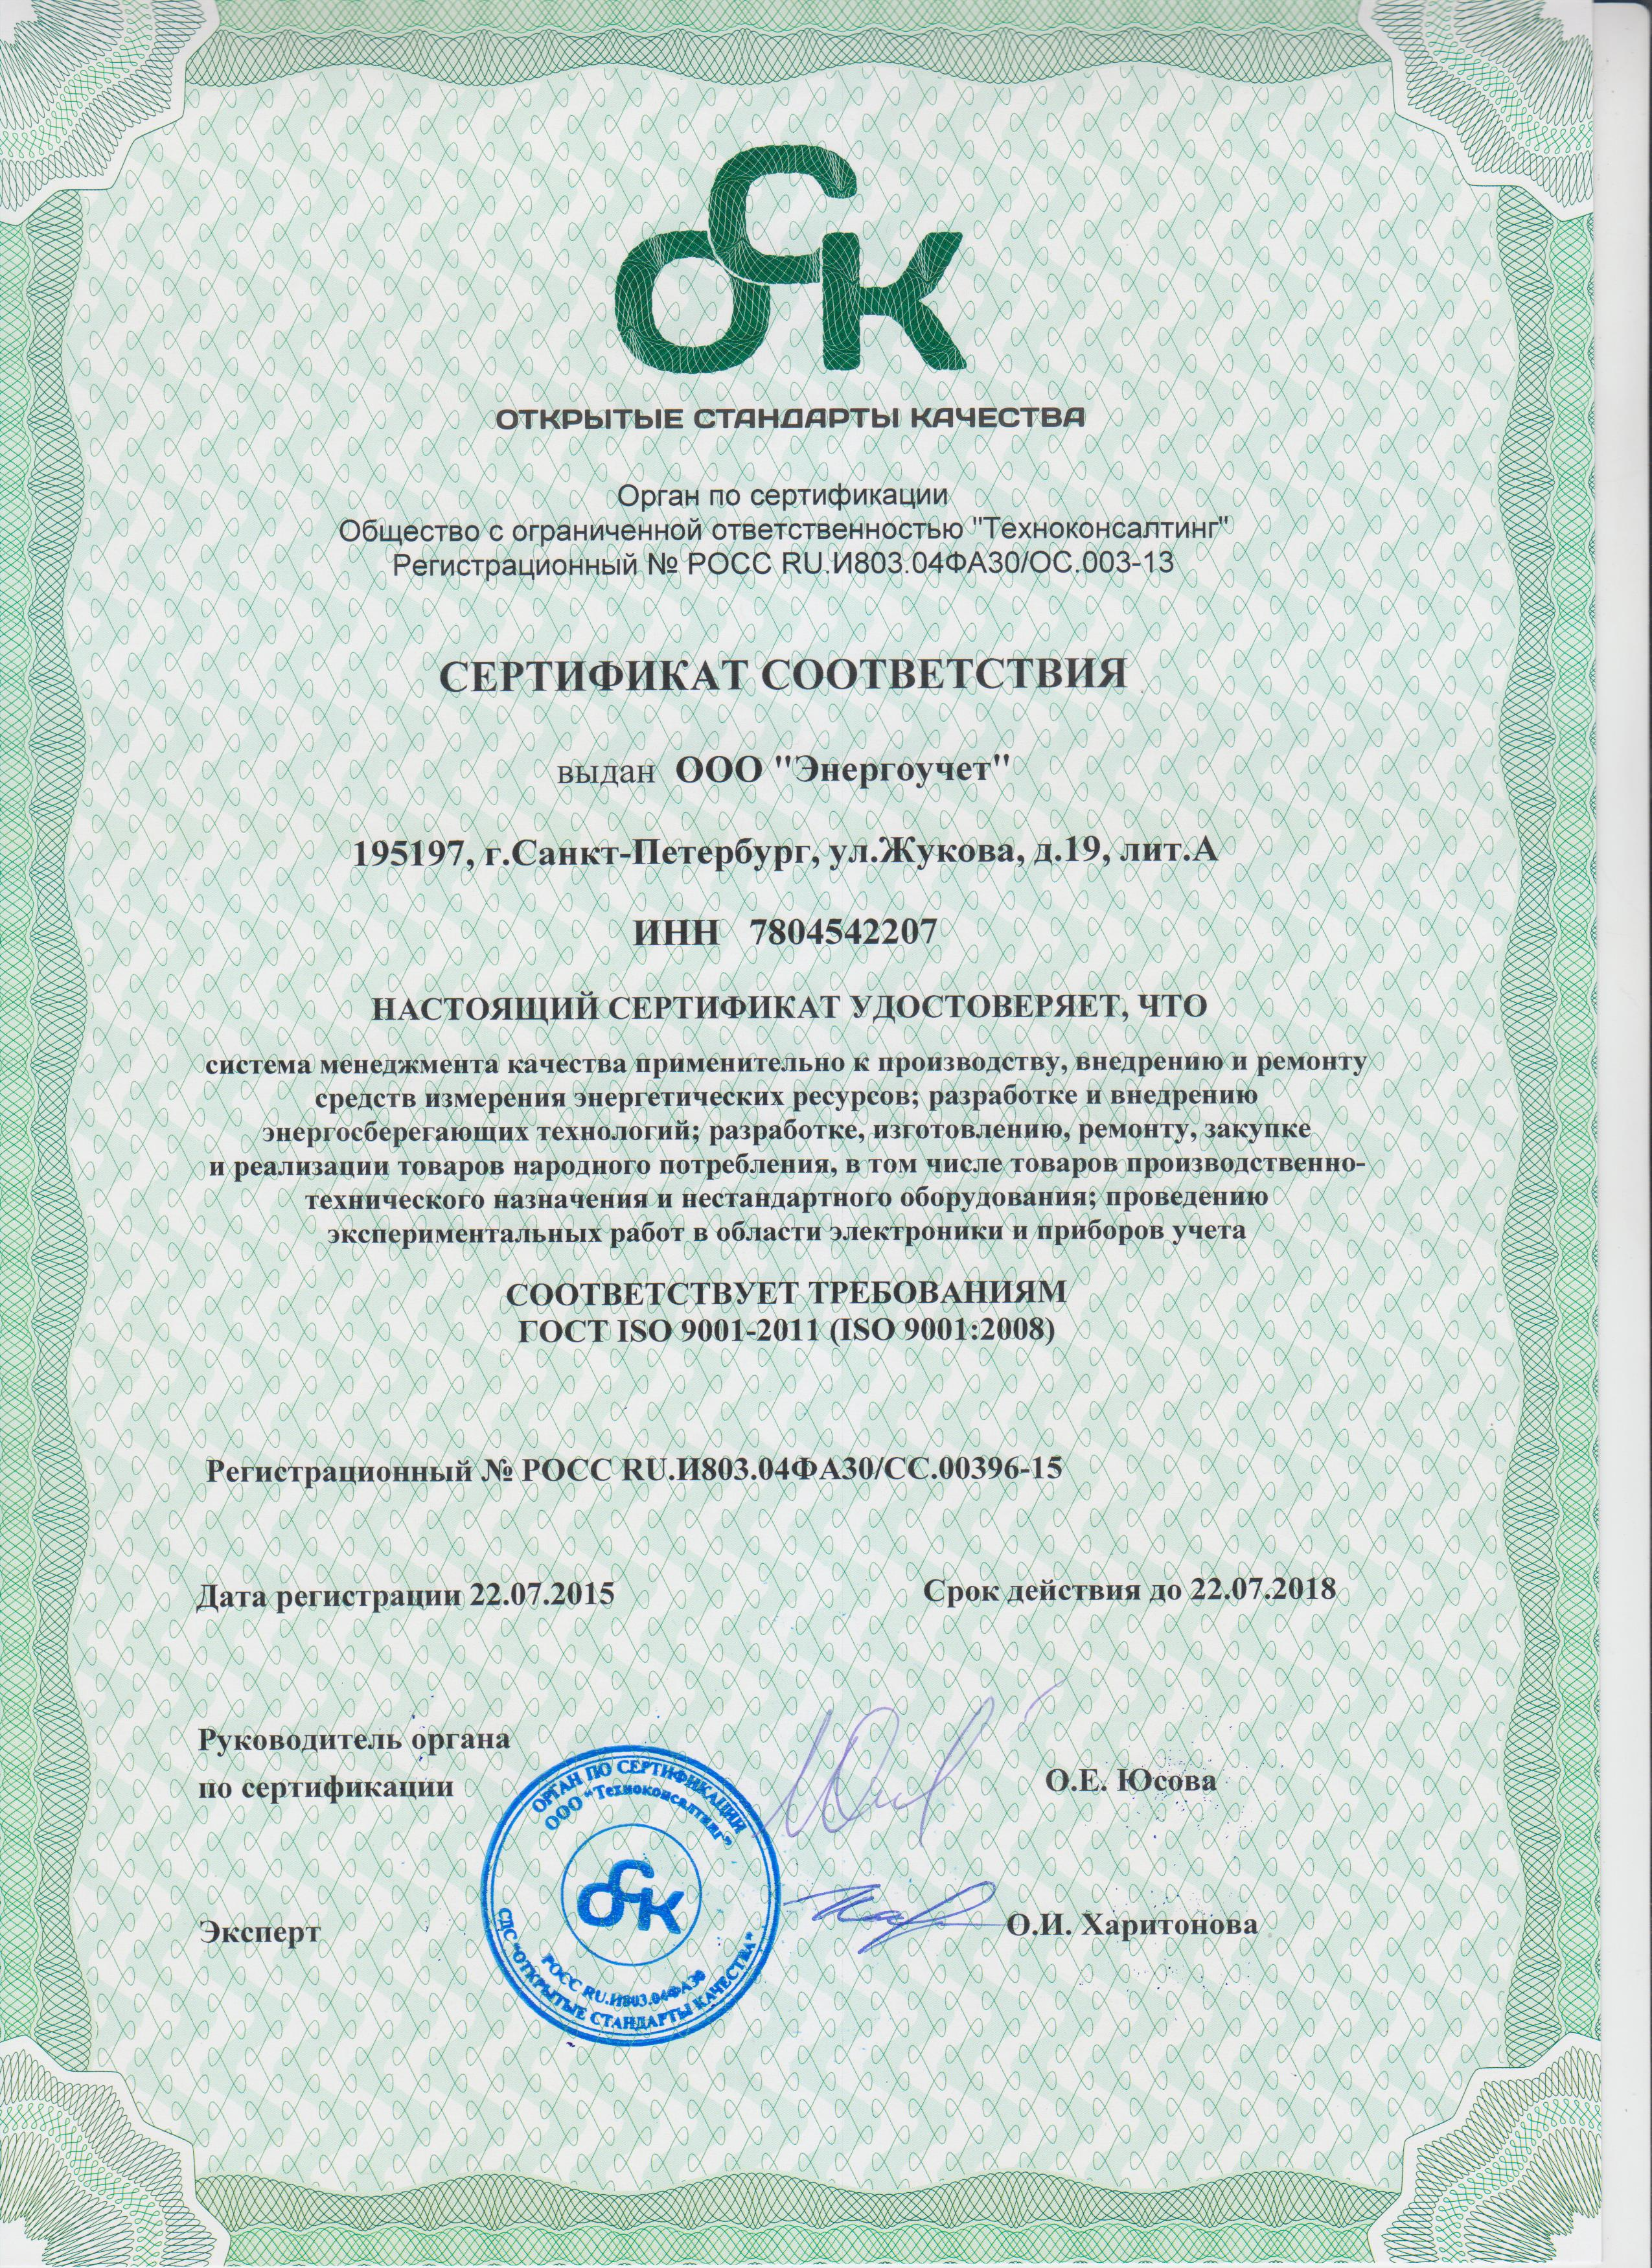 Сертификат соответствия транс токатол